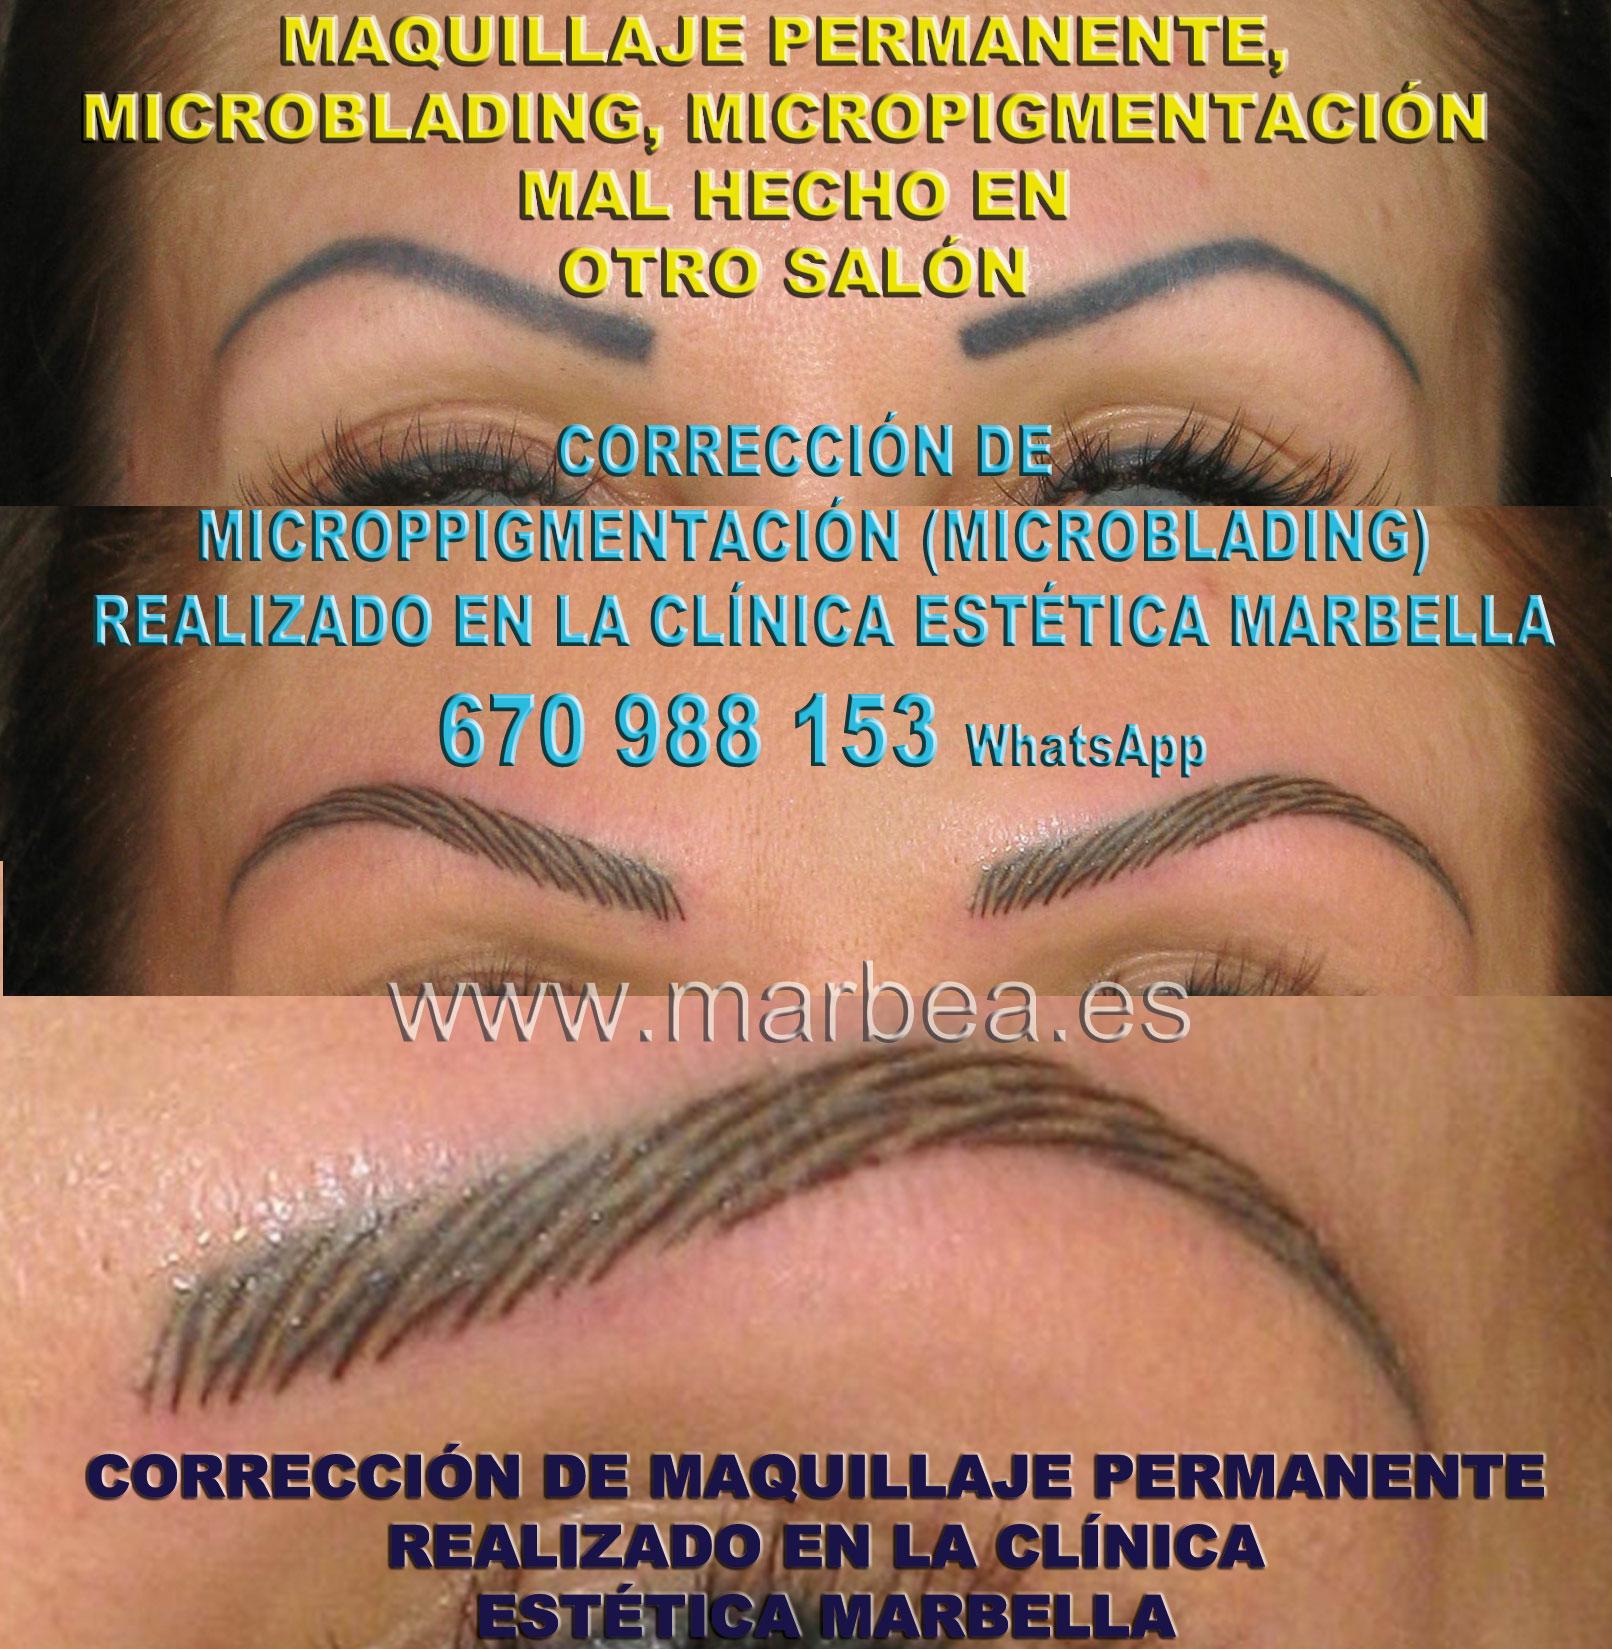 ELIMINAR TATUAJE CEJAS clínica estética delineados propone eliminar la micropigmentación de cejas,corregir micropigmentación mal hecha